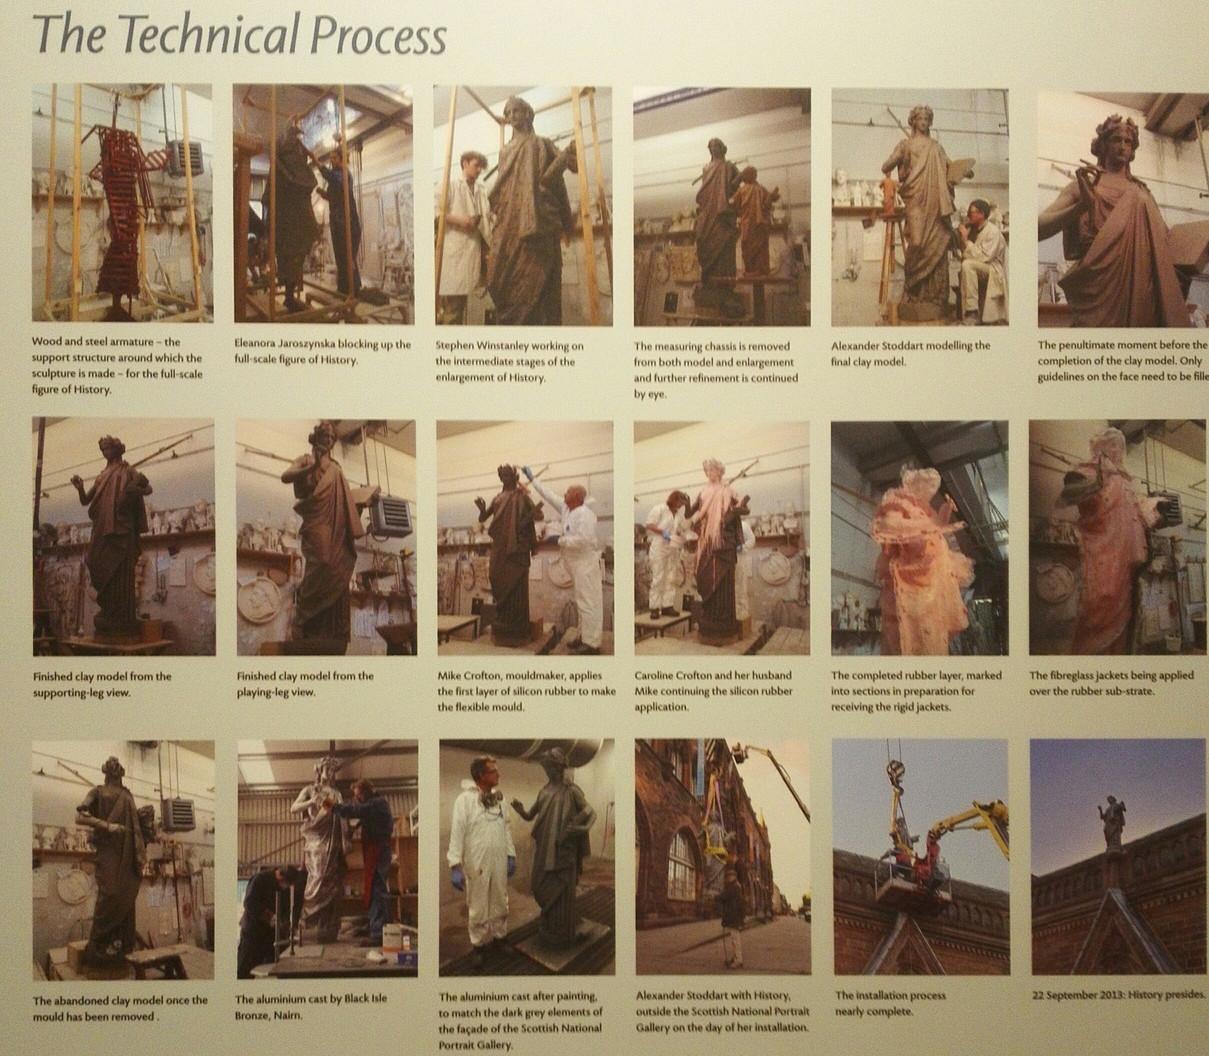 像の設置法